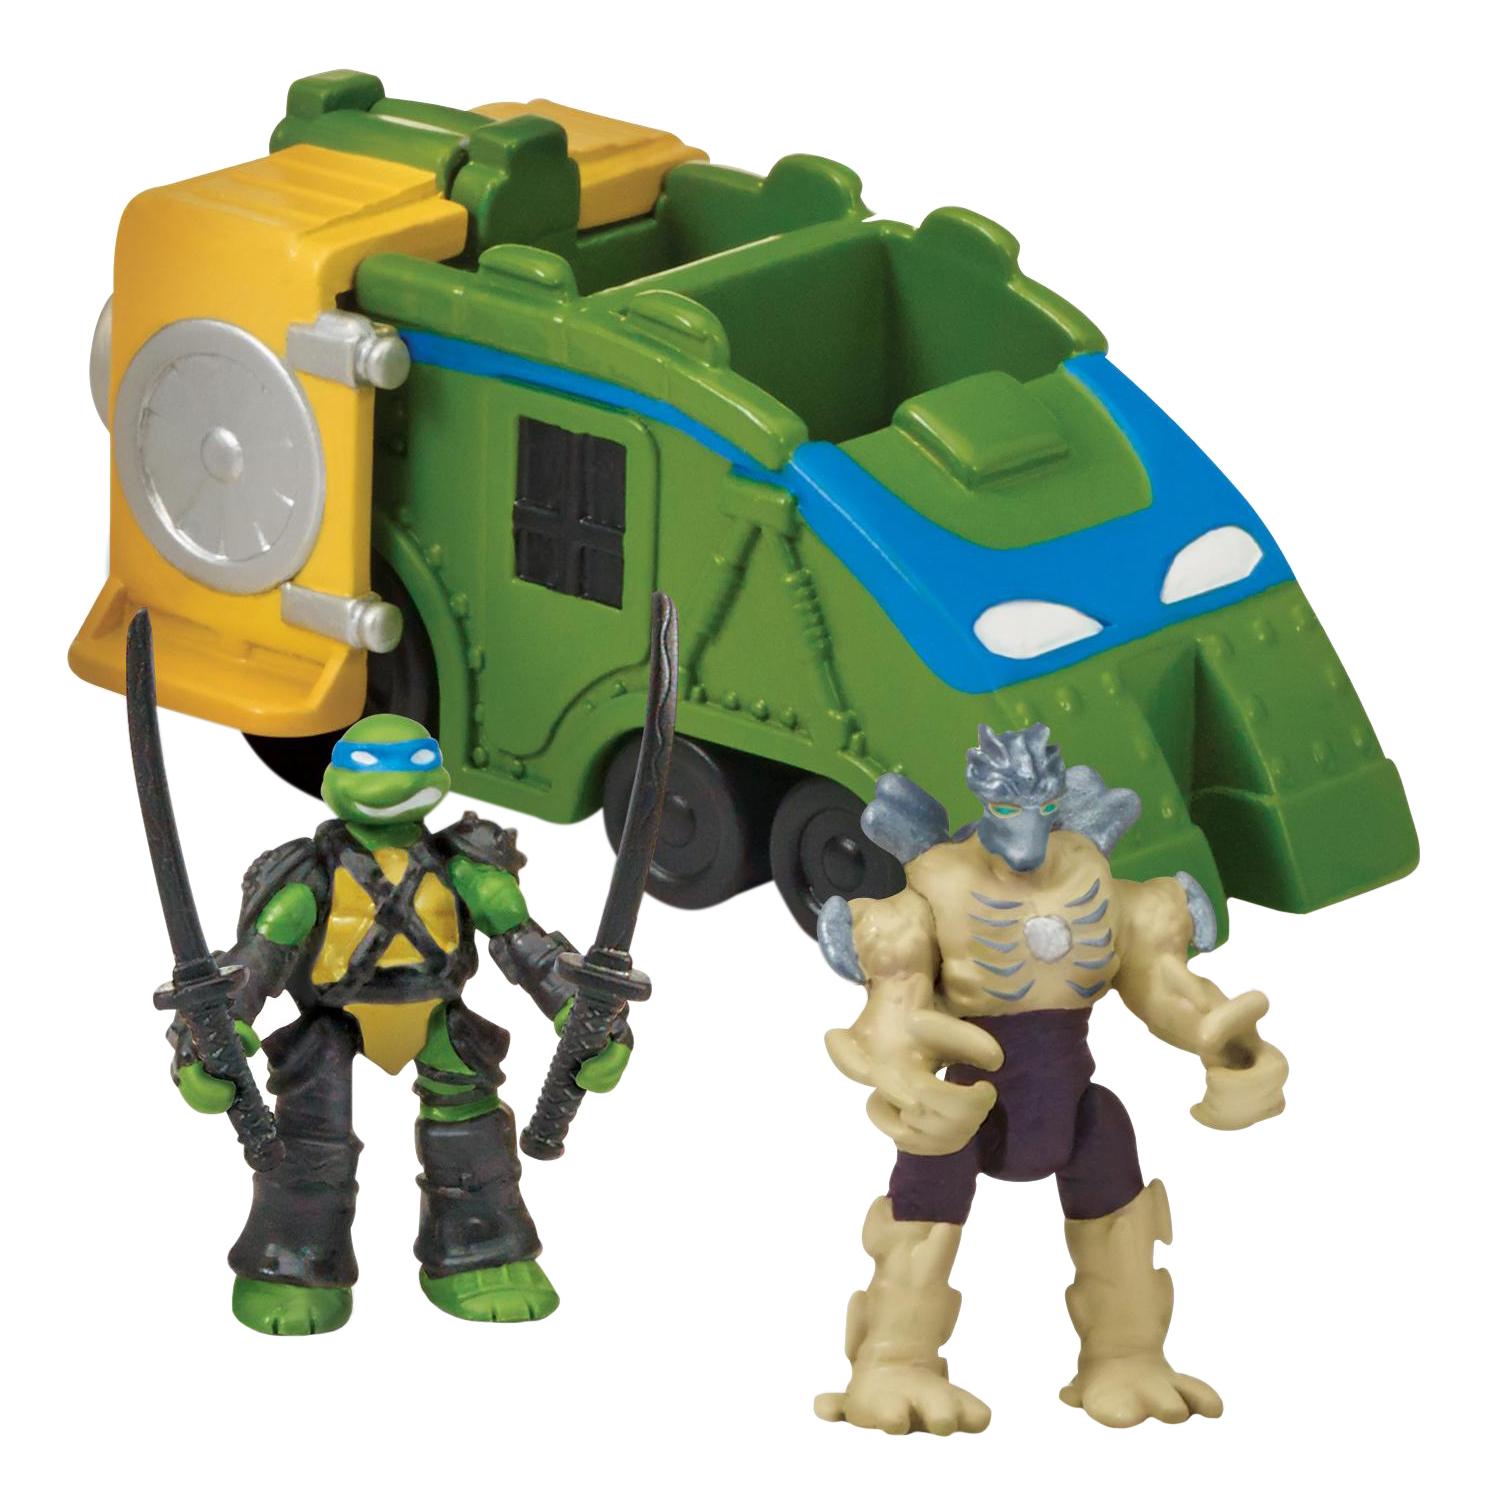 Боевой локомотив с фигурками Лео и Шредера Playmates Toys Черепашки ниндзя 87601 фото